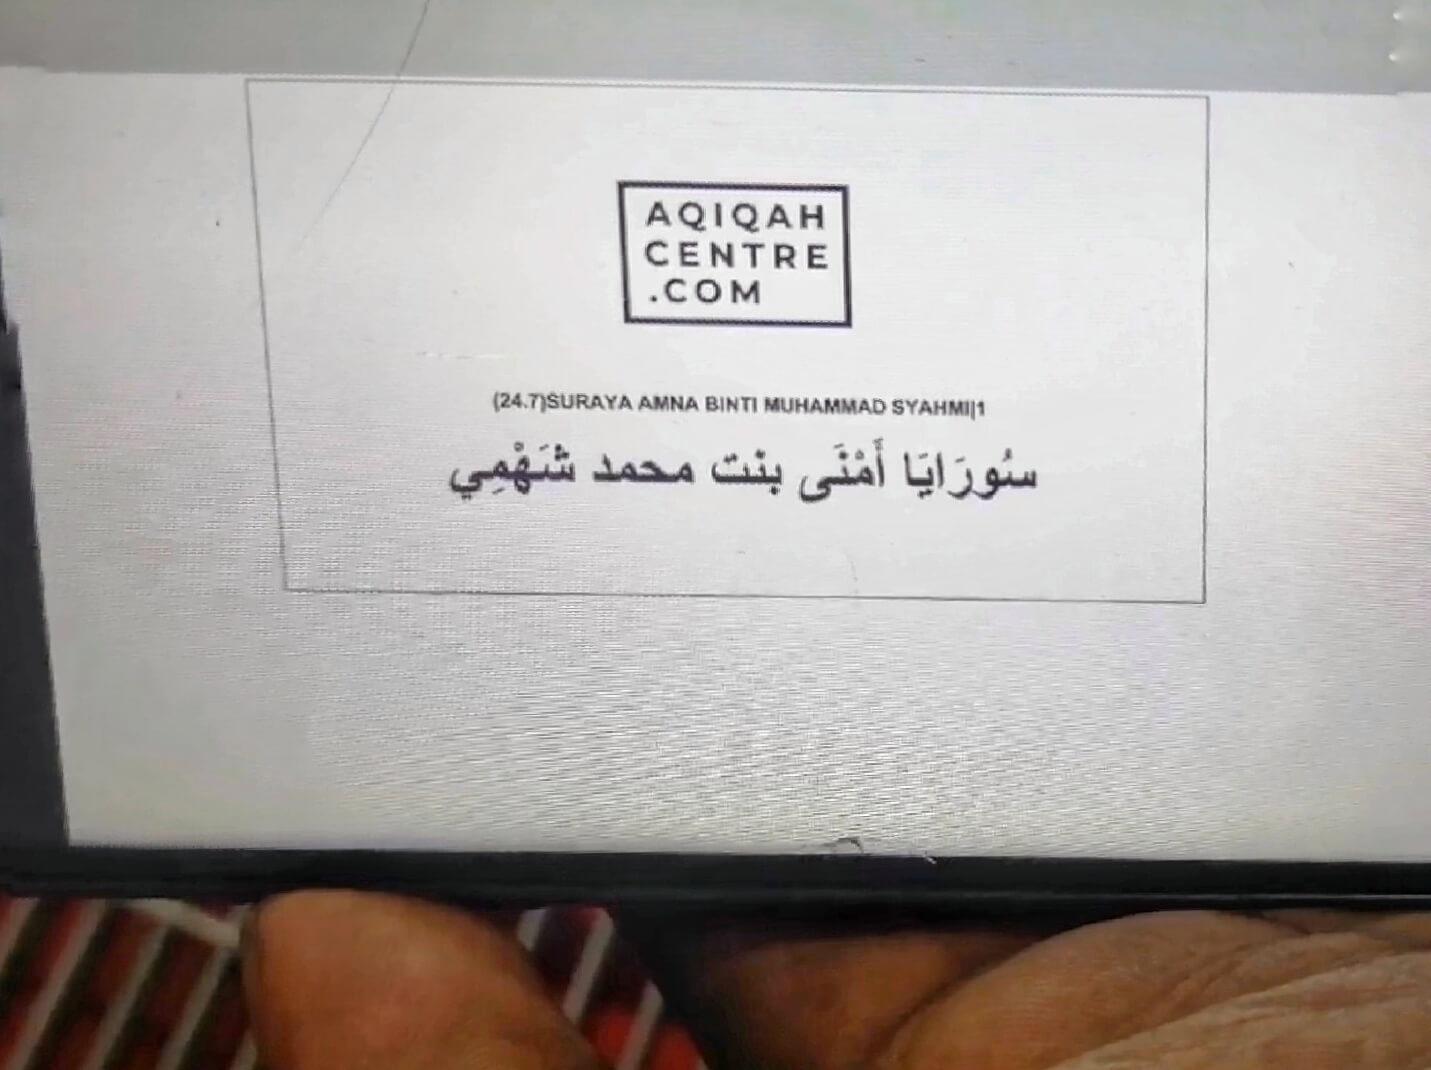 Pengalaman Aqiqah dengan Aqiqah Centre